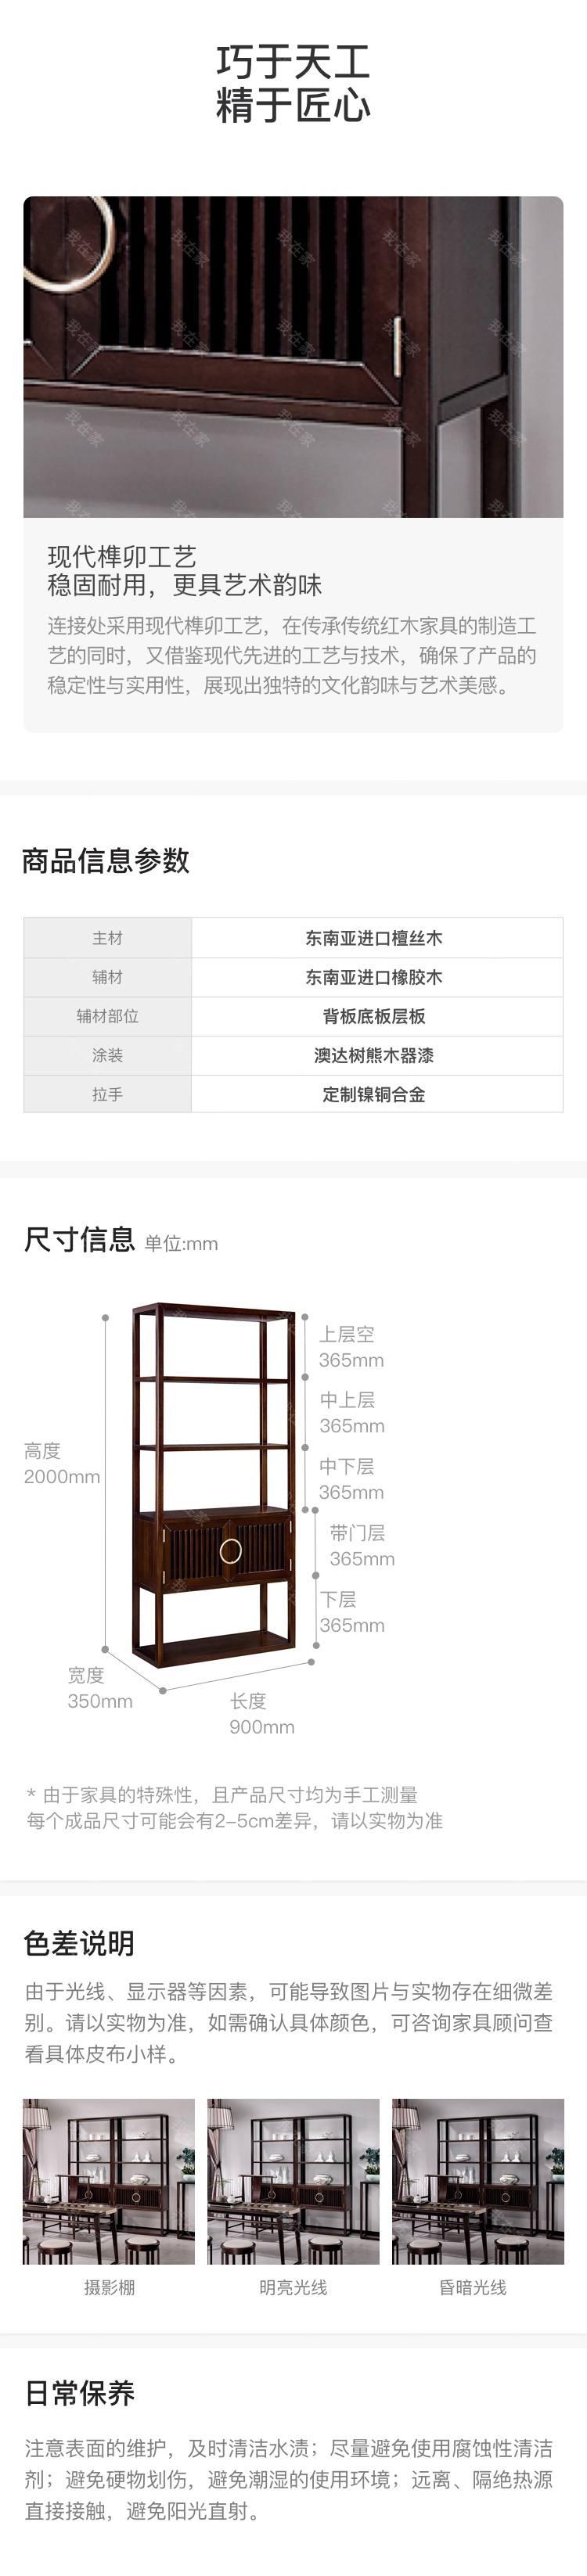 新中式风格似锦茶架的家具详细介绍